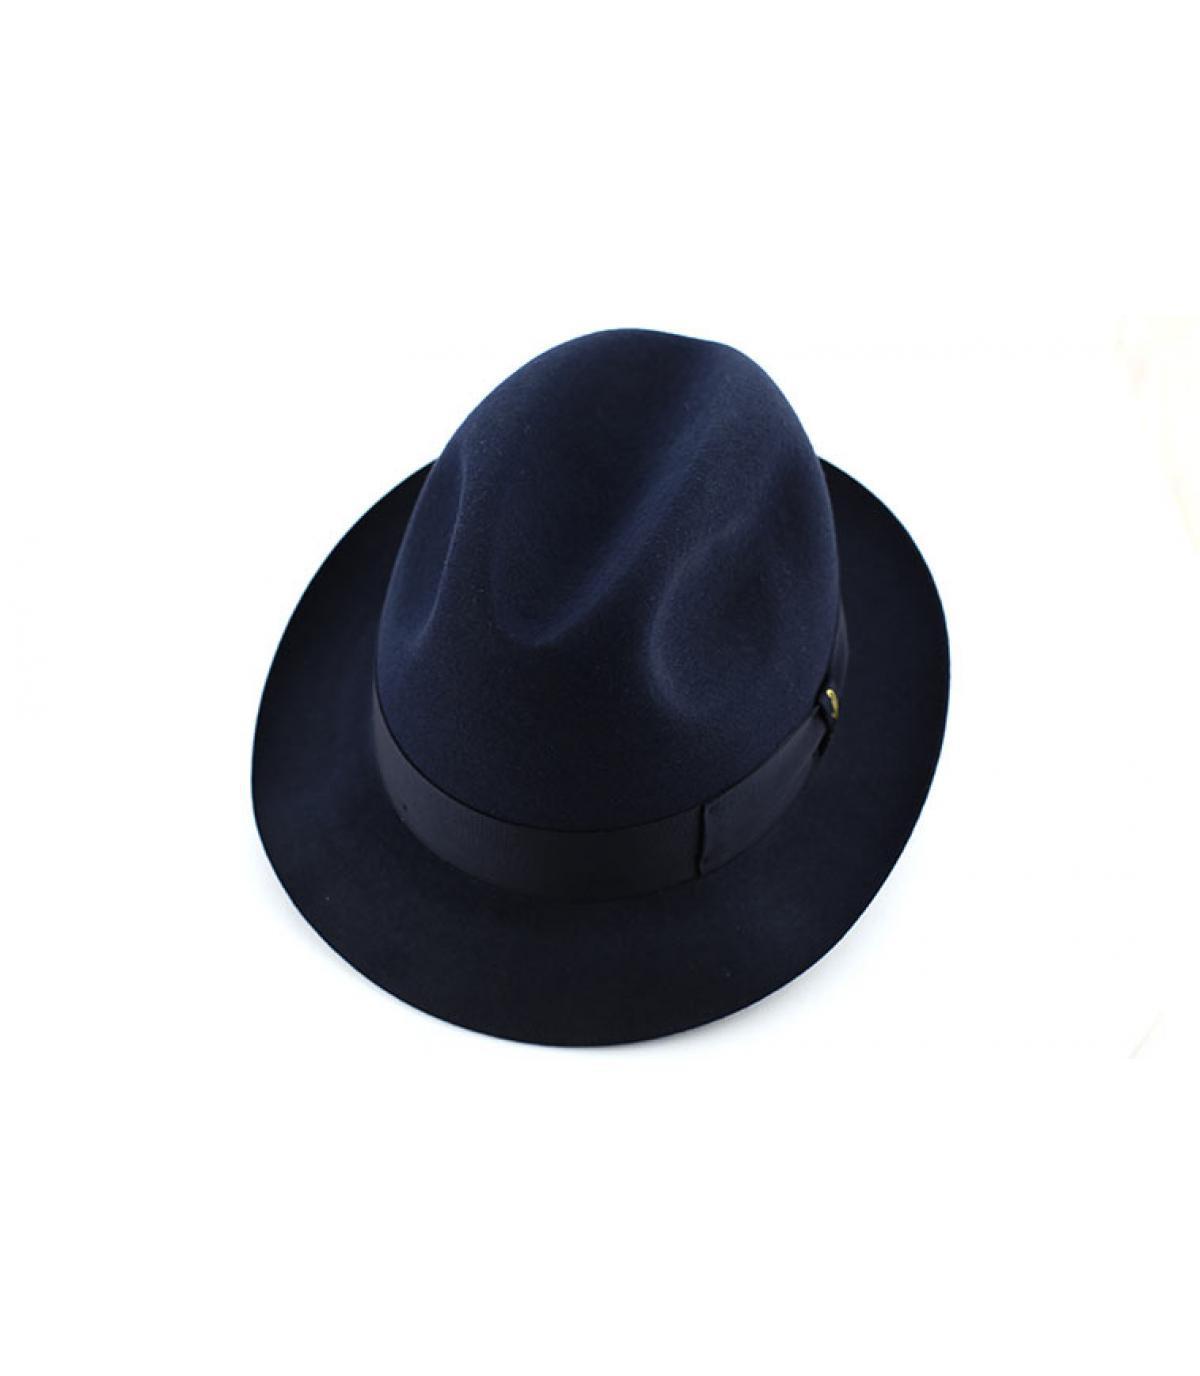 Détails Marengo navy fur felt hat - image 3